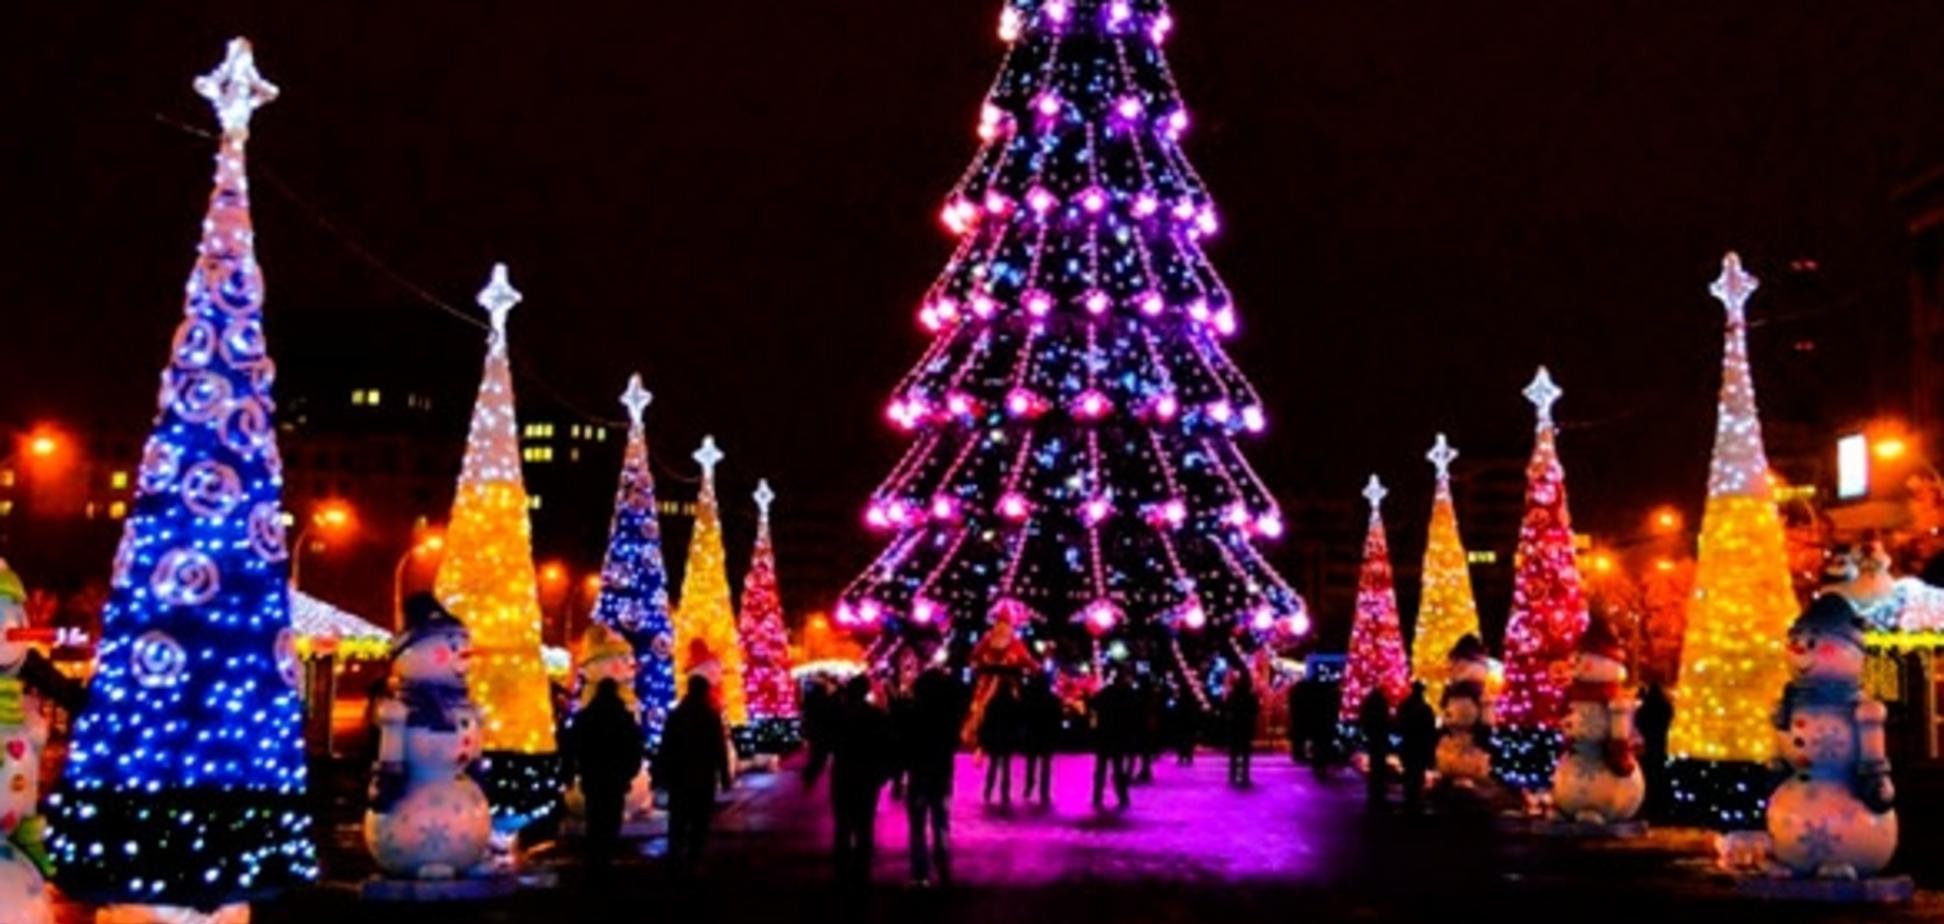 У Харкові відкрили головну новорічну зону: опубліковані фото